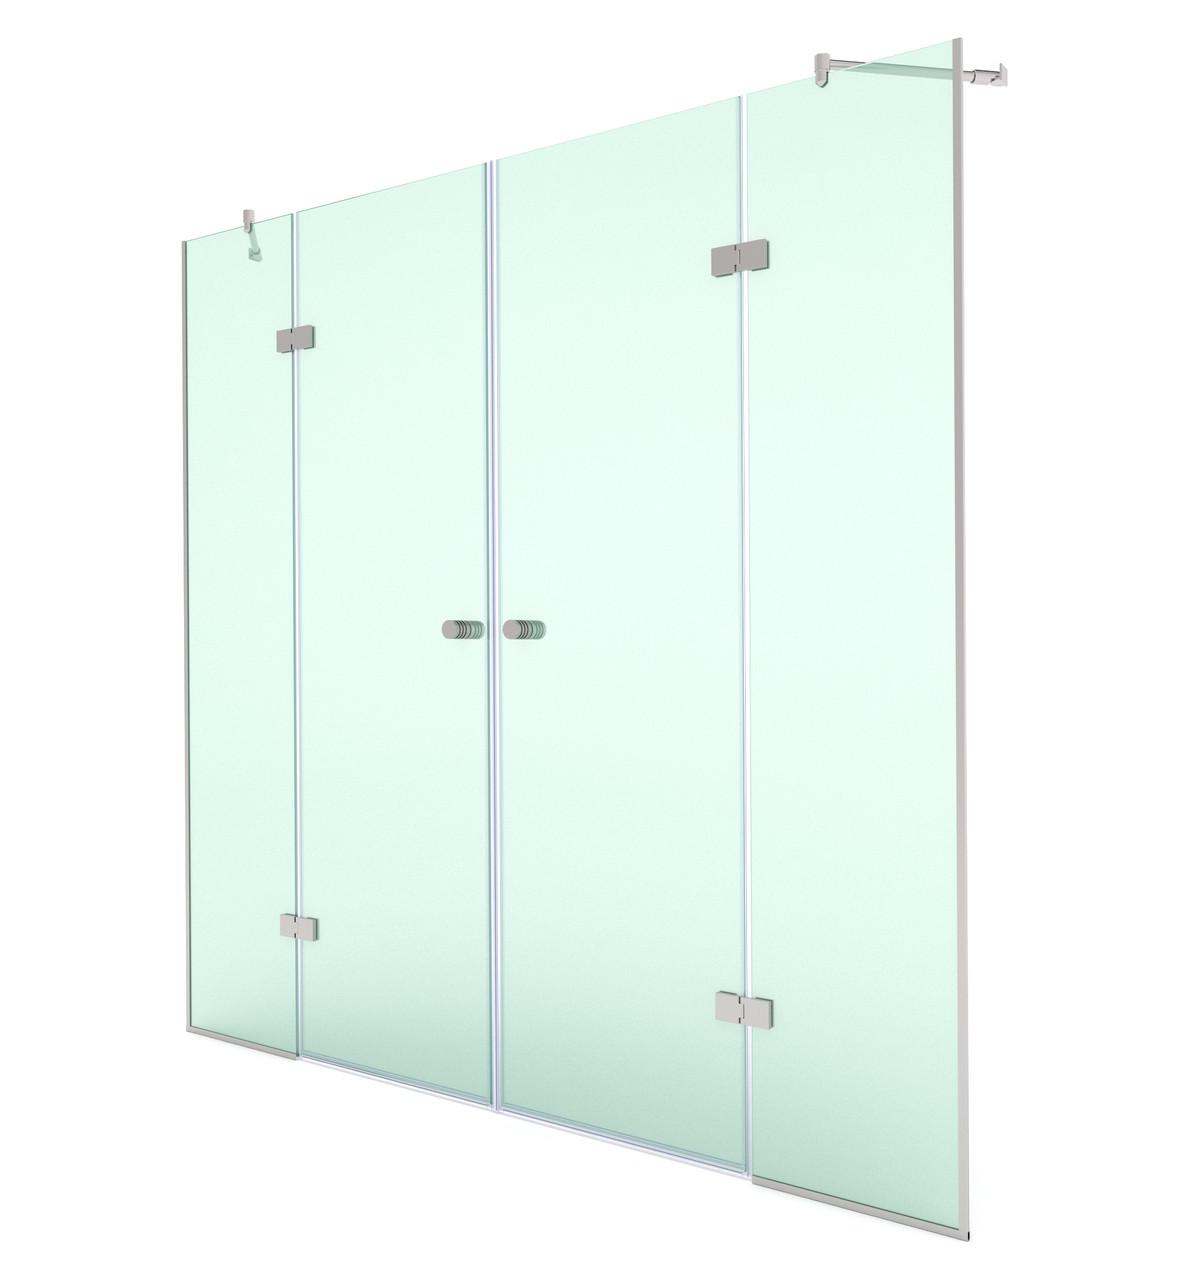 Распашная душевая дверь в нишу, модели SD-02-13